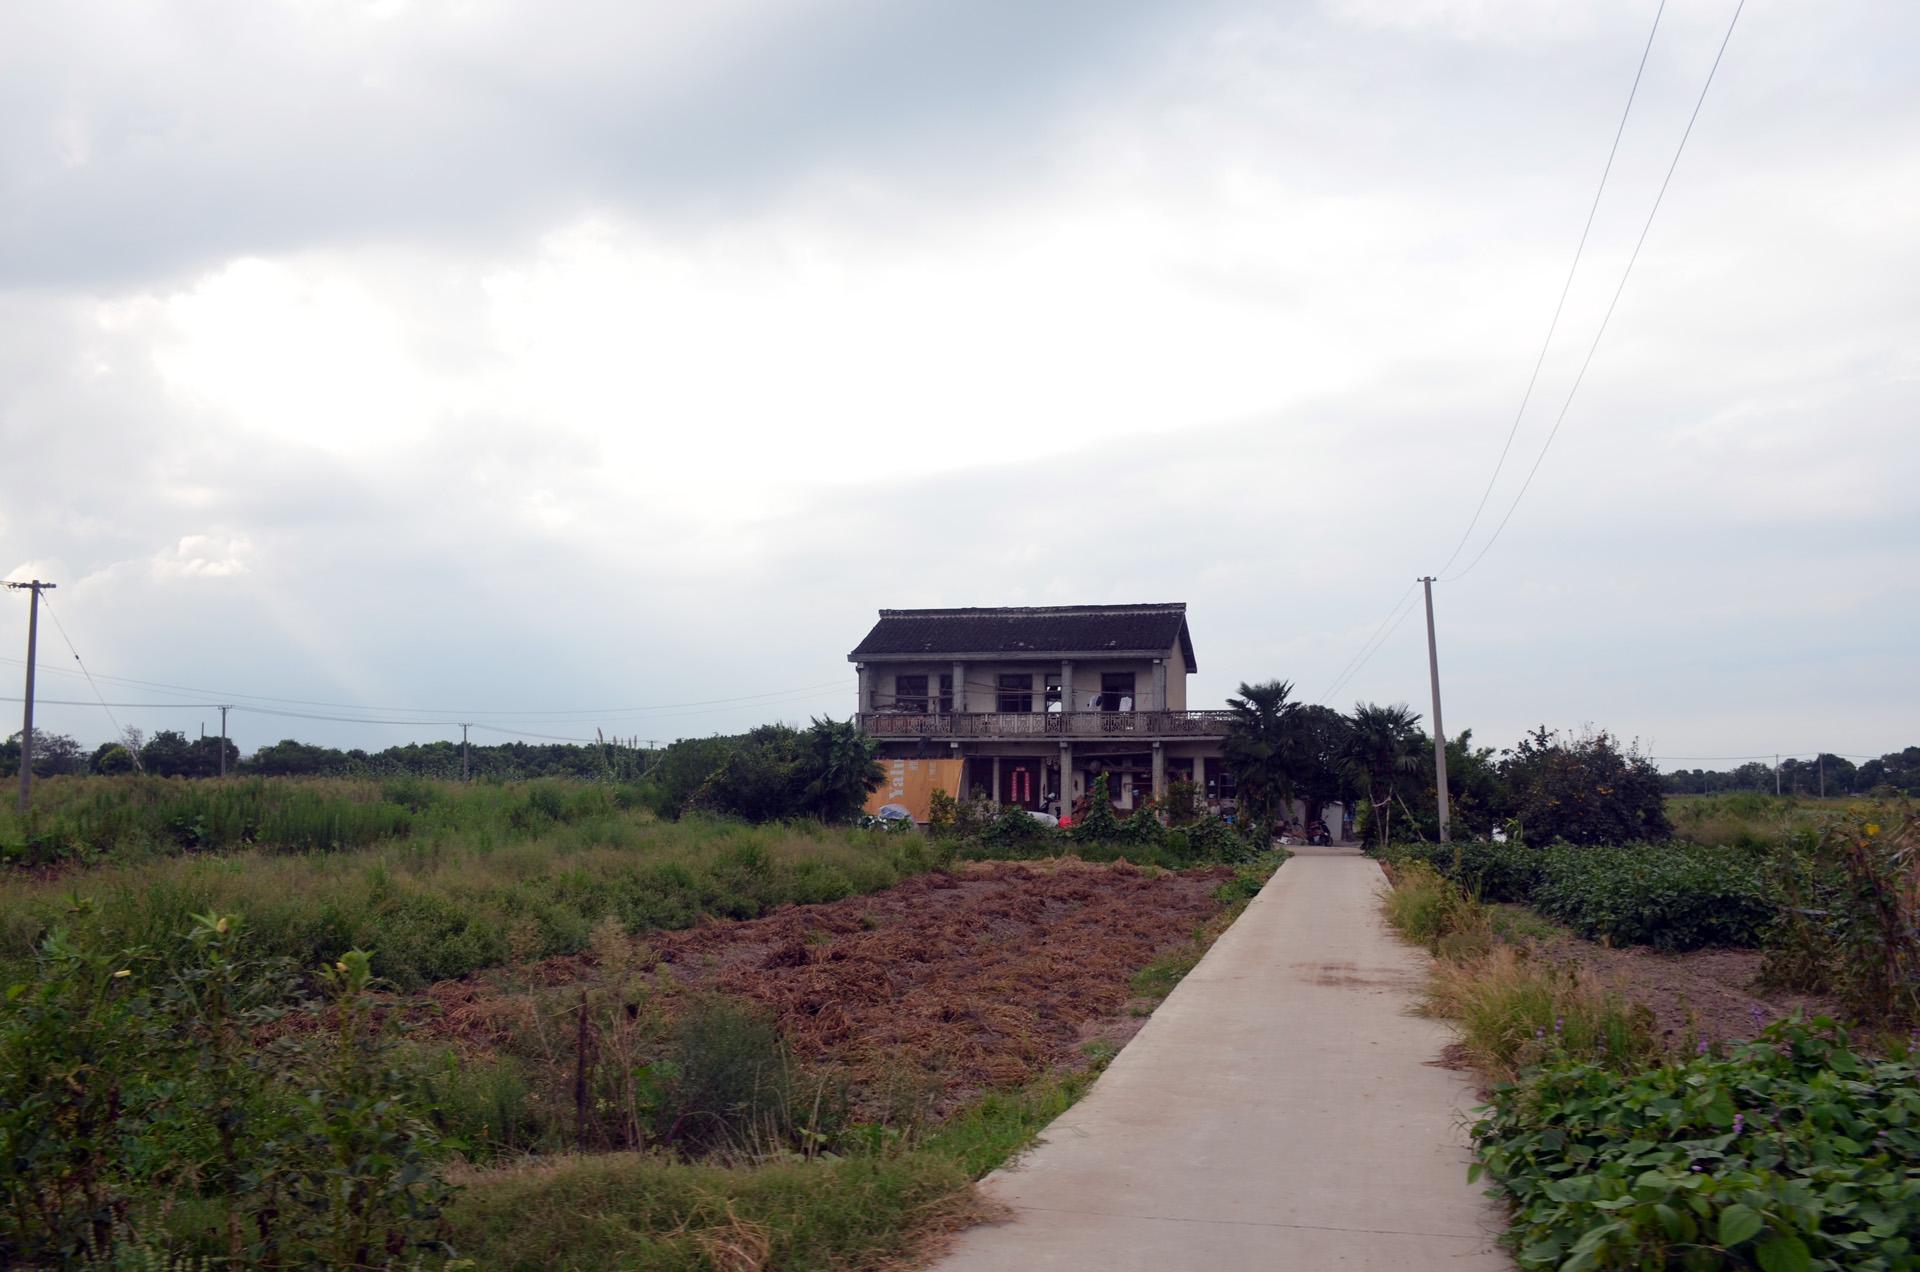 远景多角度太仓海天禅寺红庙的宏伟和江南缥缈正在建设的后殿 这里是太仓 摄影 第3张